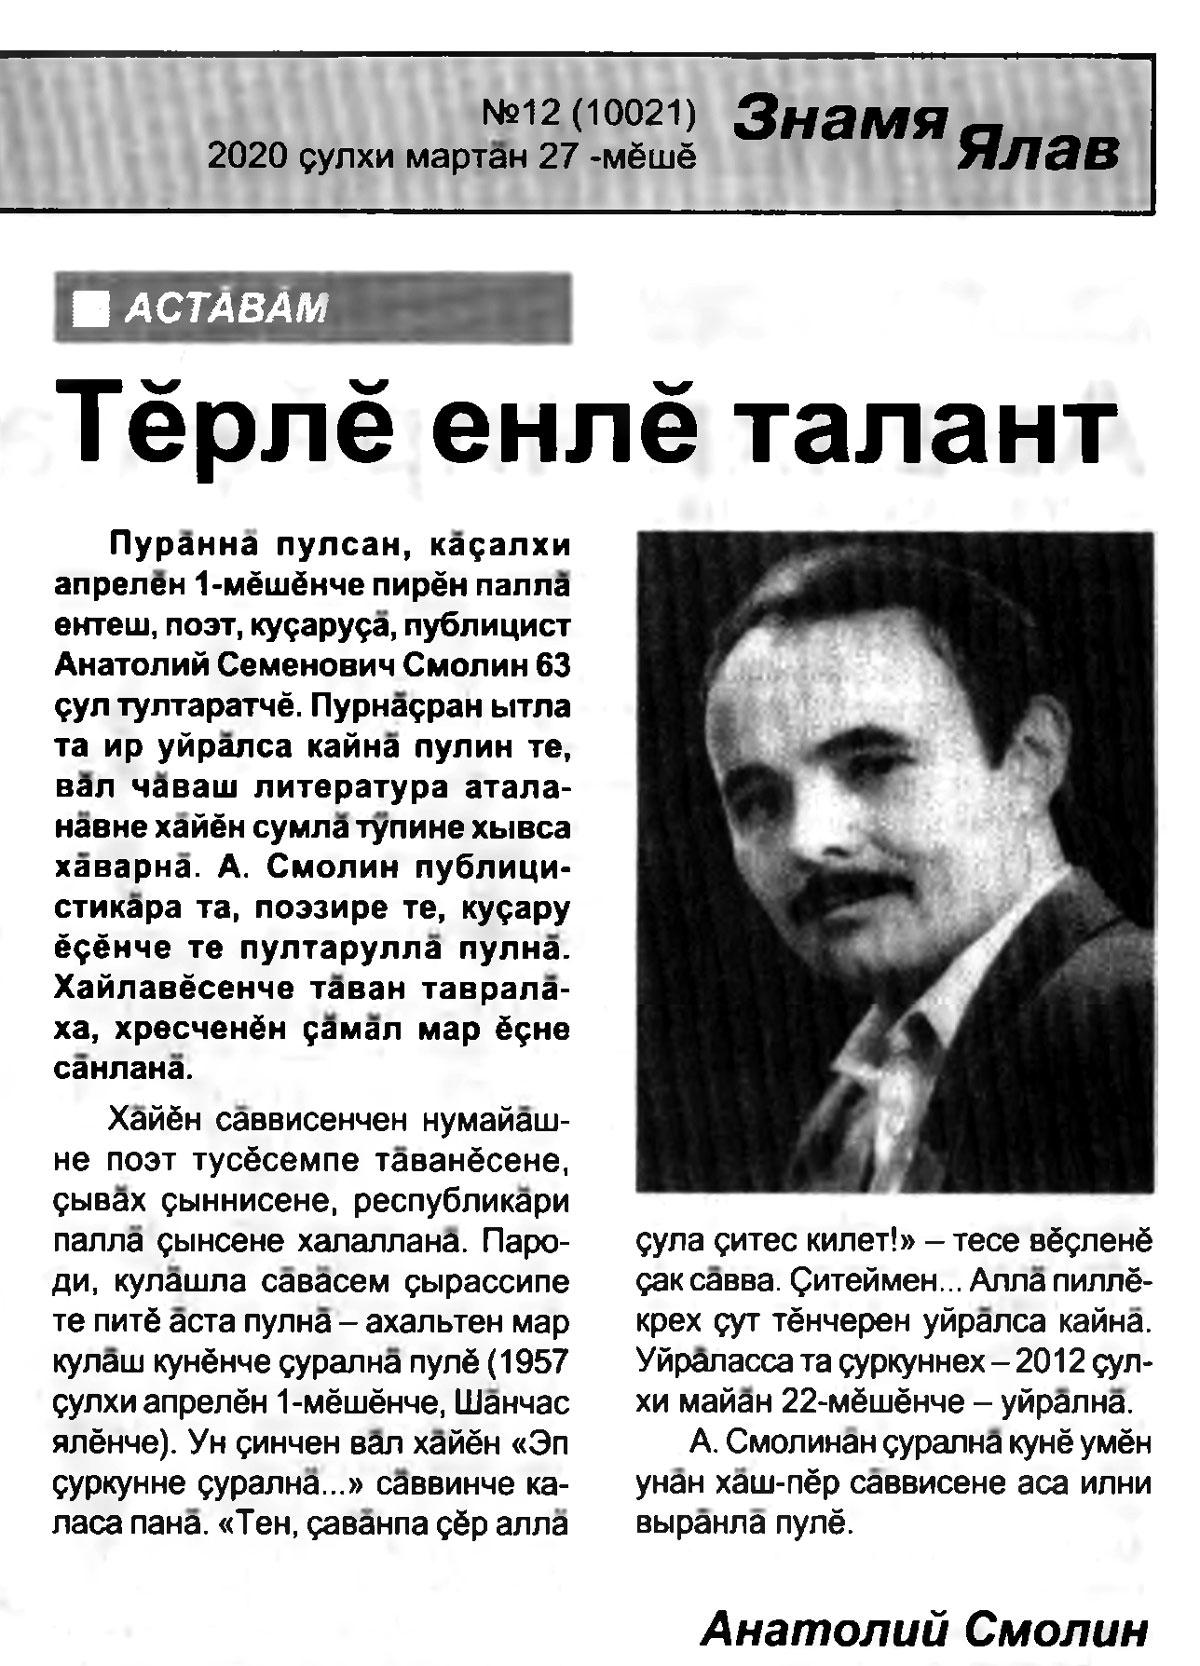 1 апреля — день рождения А.С. Смолина (1957-2012)